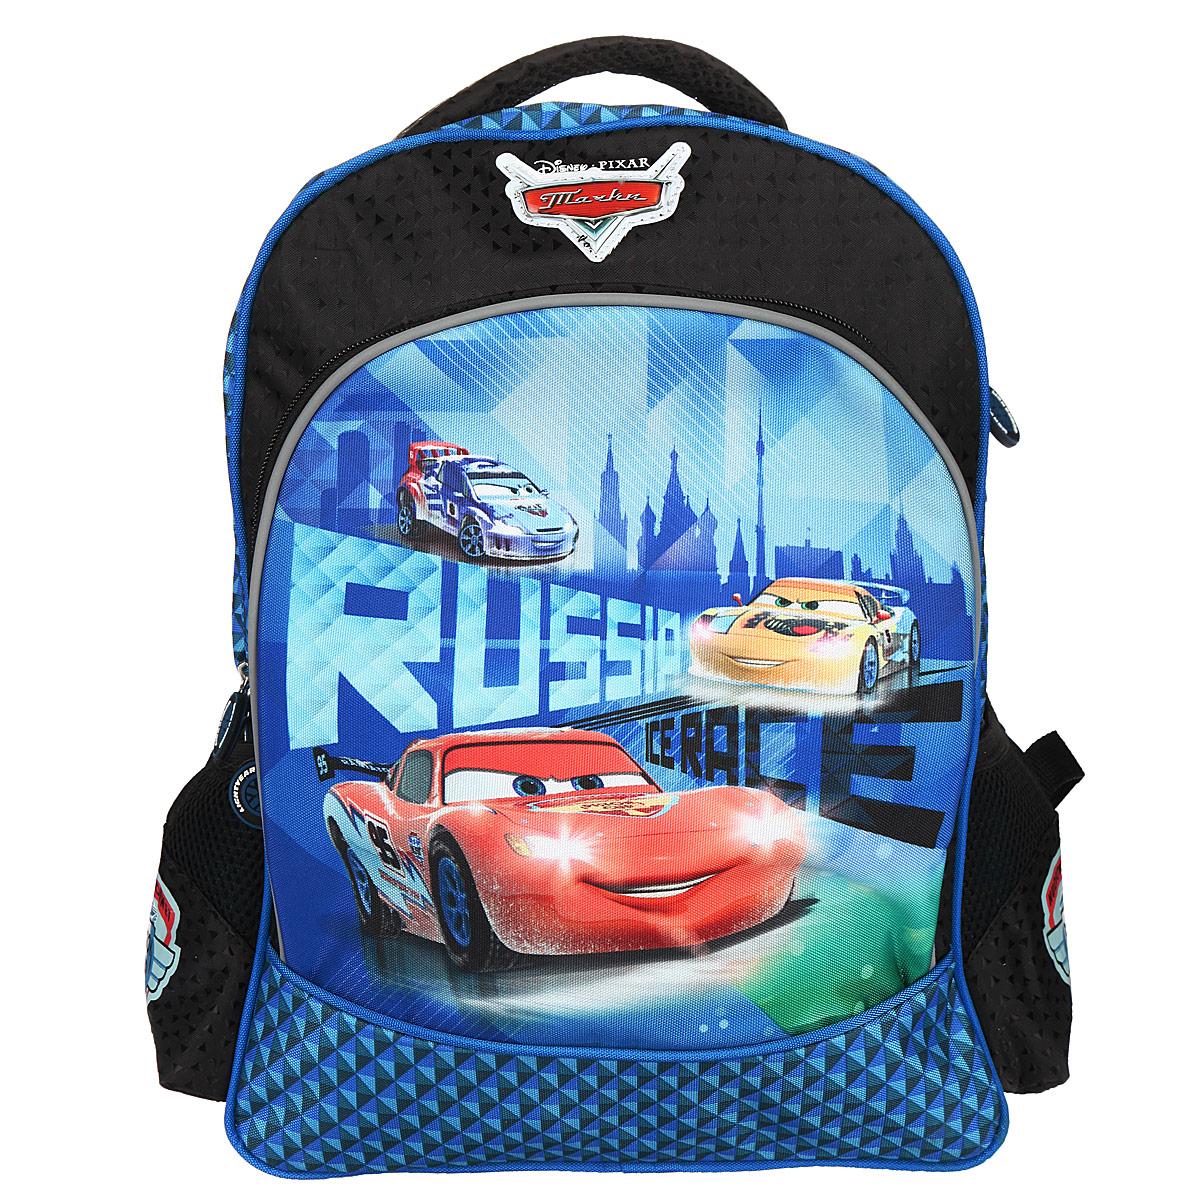 Рюкзак школьный Cars, цвет: черный, синий, красный. 2558425584Рюкзак школьный Cars обязательно привлечет внимание вашего школьника. Он выполнен из прочного и водонепроницаемого материла черного, синего, красного цветов и оформлен изображениями героев мультфильма Тачки. Содержит два вместительных отделения, закрывающиеся на застежки-молнии с двумя бегунками. Бегунки застежки дополнены прорезиненными держателями. В большом отделении находятся две мягкие перегородки для тетрадей или учебников, фиксирующиеся резинкой. Одну из перегородок можно использовать для гаджетов. В другом отделении имеется открытый карман-сетка. Лицевая сторона рюкзака оснащена накладным карманом на застежке-молнии, внутри которого расположены два открытых кармашка, карман-сетка на молнии и отделение для мобильного телефона. По бокам рюкзака расположены два накладных кармана, стянутые сверху резинкой. Ортопедическая спинка равномерно распределяет нагрузку на плечевые суставы и спину. Конструкция спинки дополнена эргономичными подушечками,...